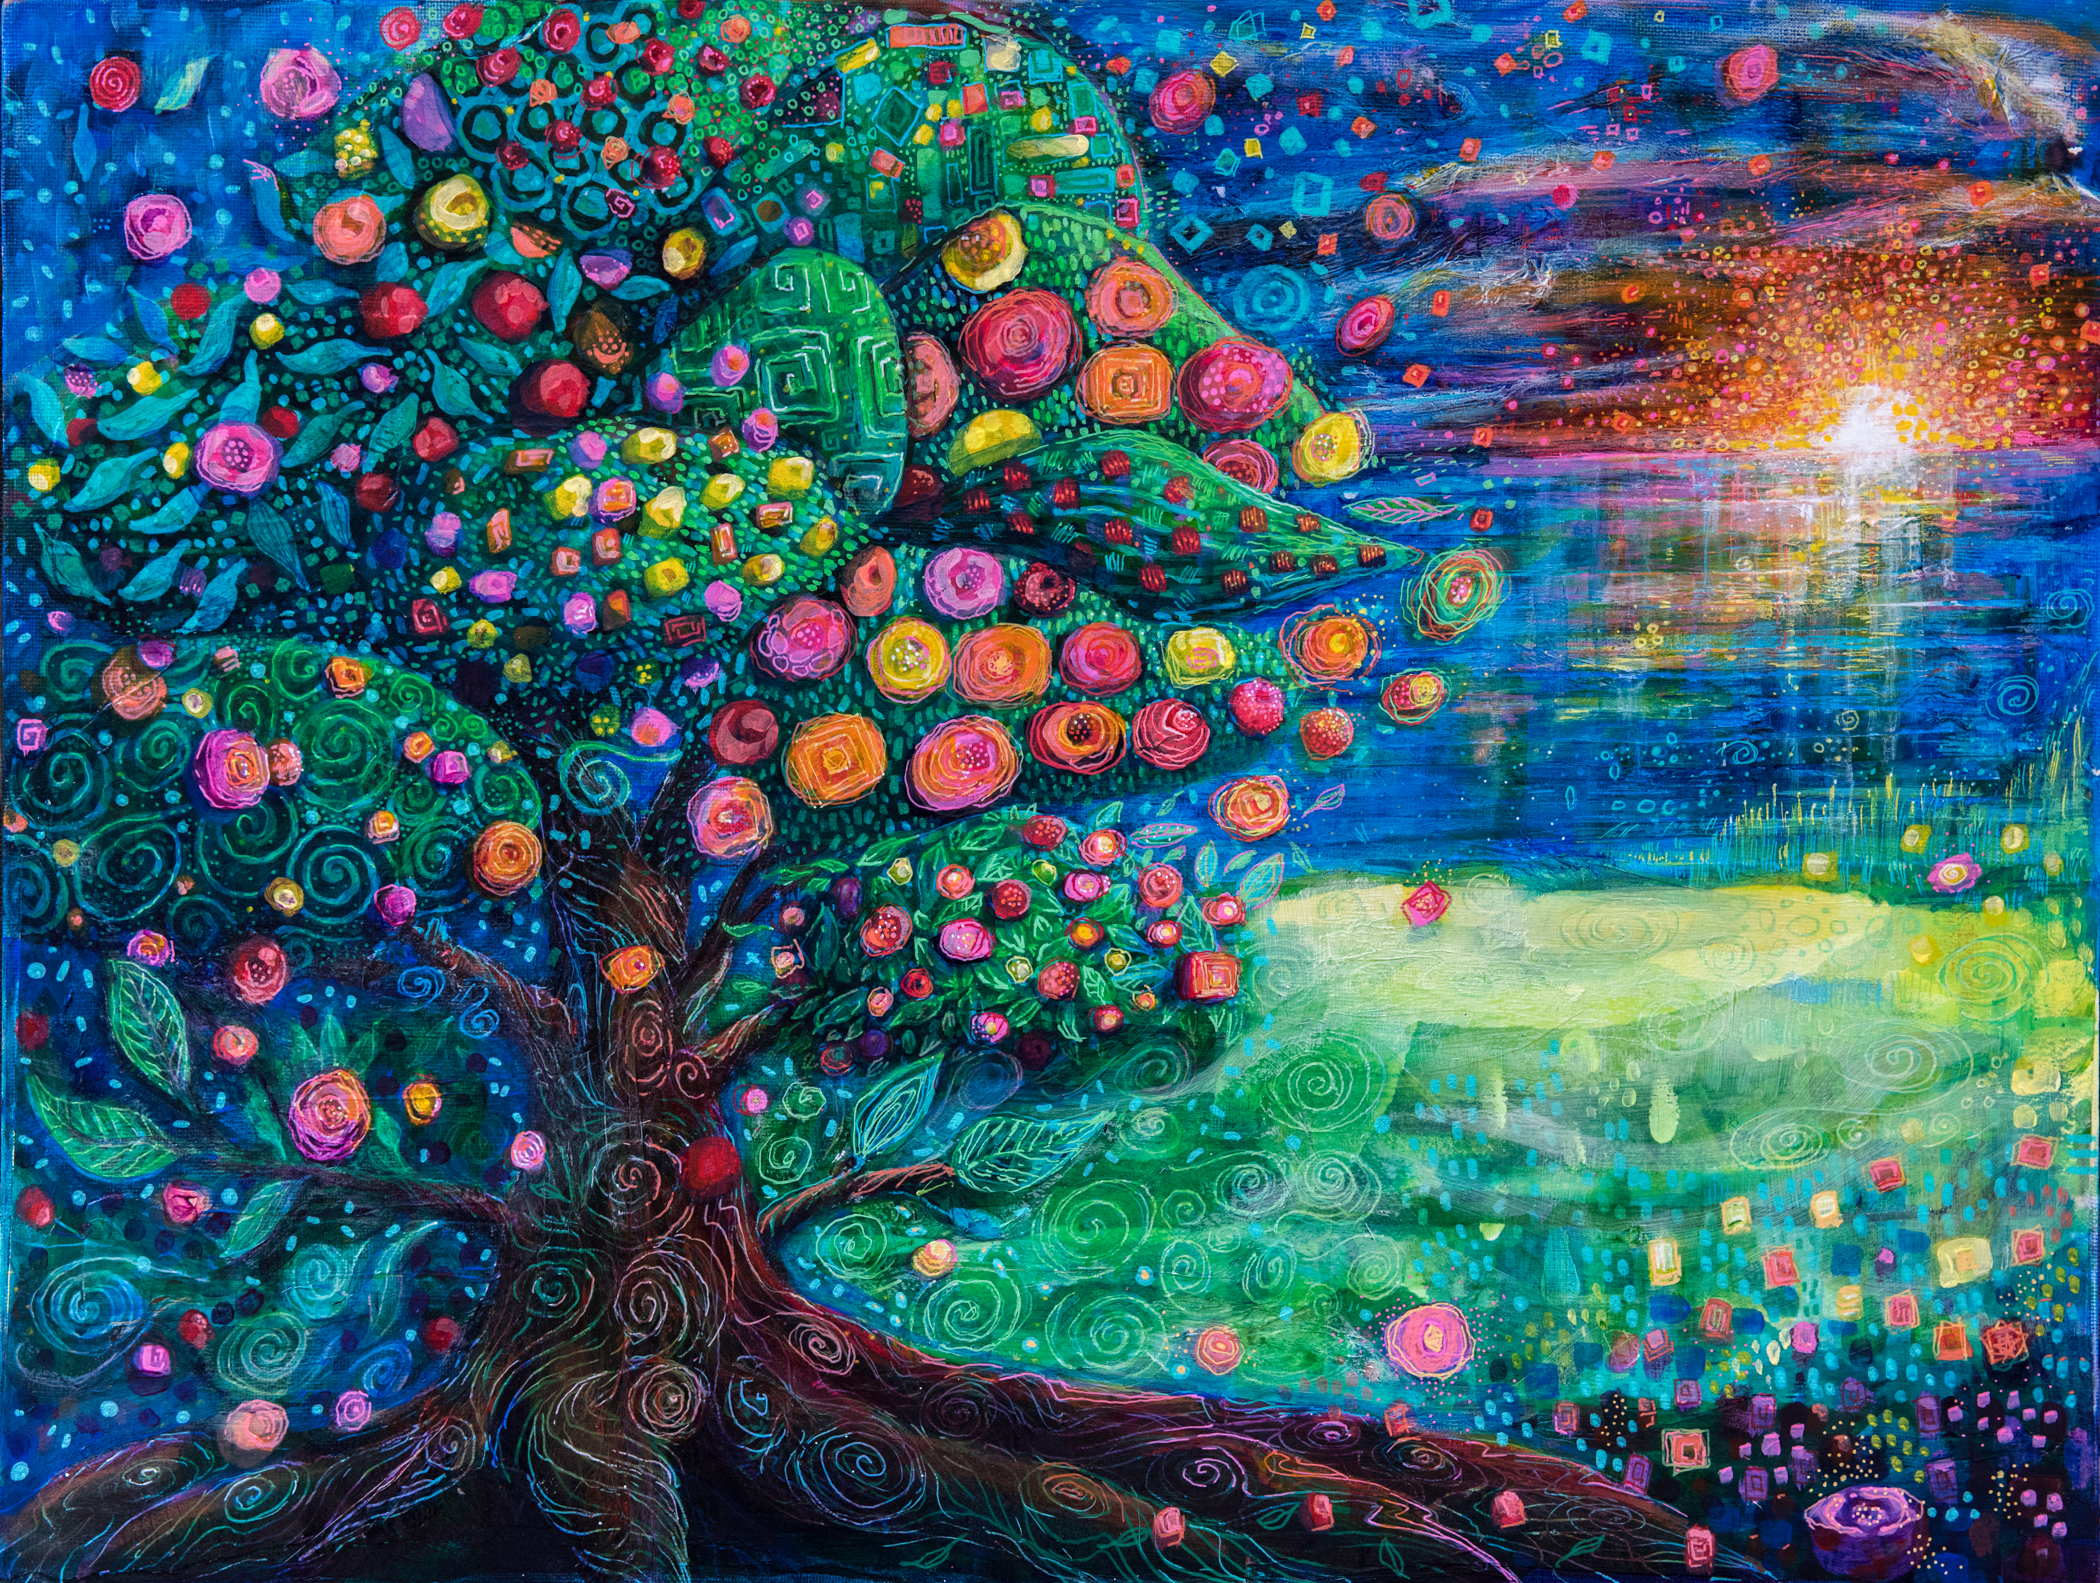 Treeoflife jessbreedlove txuivf